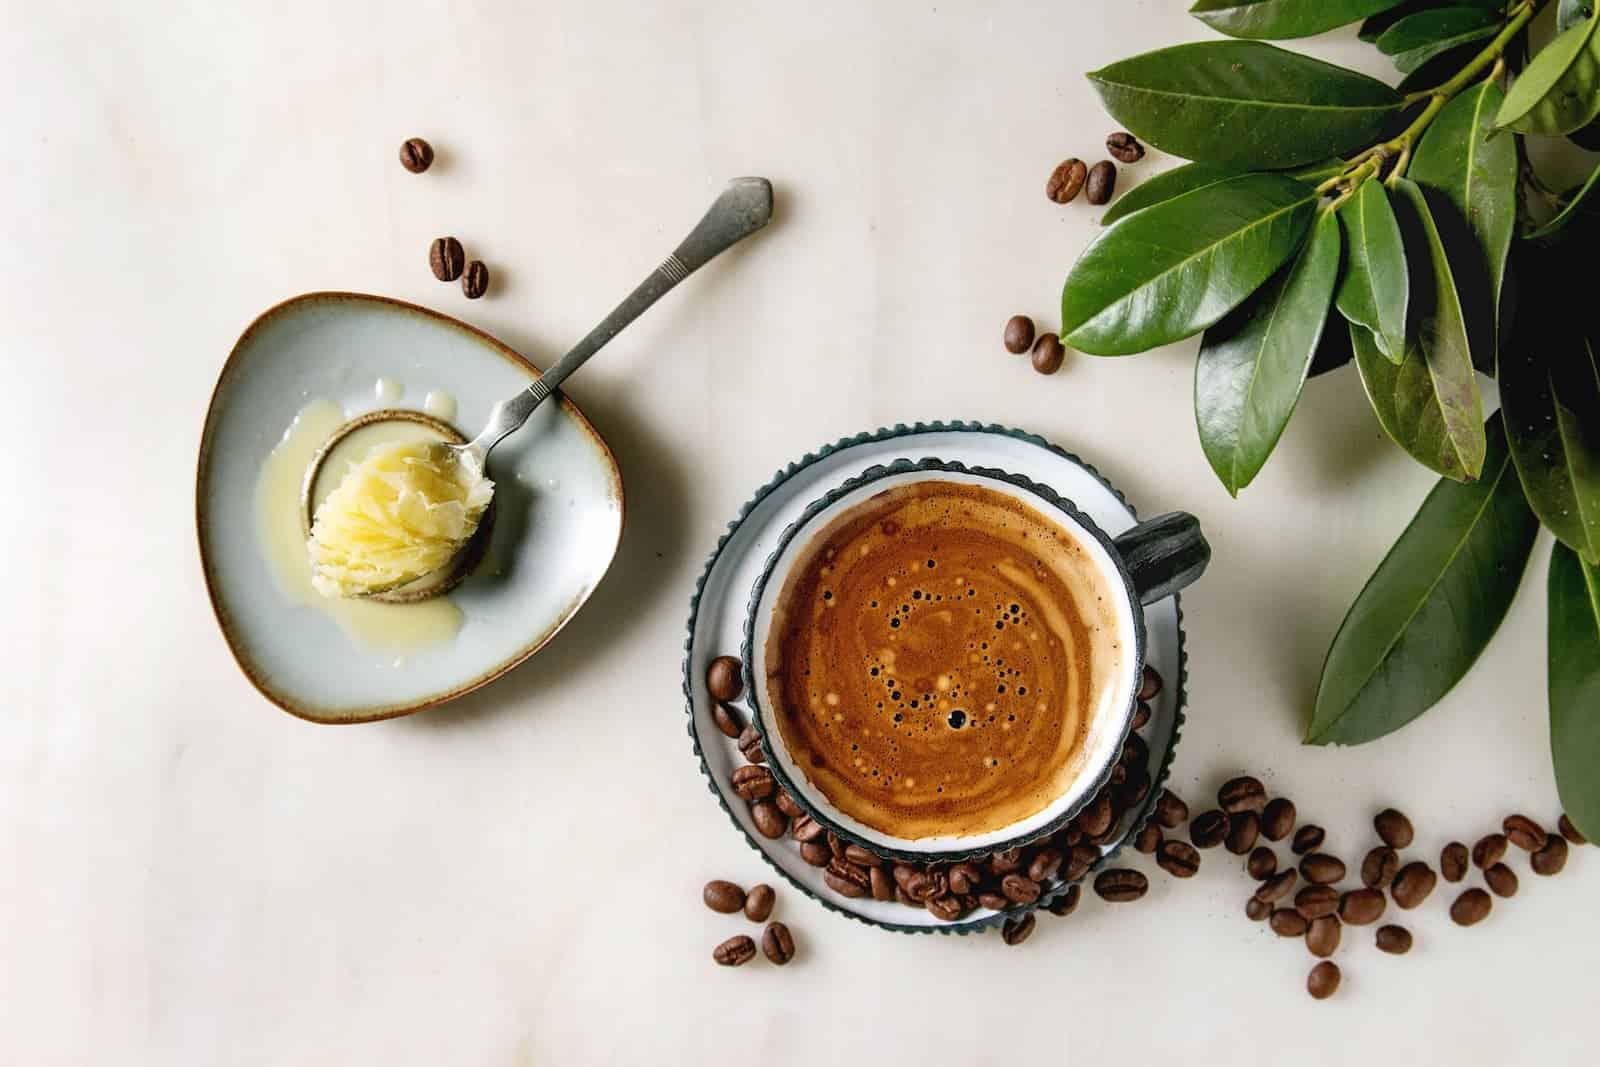 xícara de café com manteiga ghee